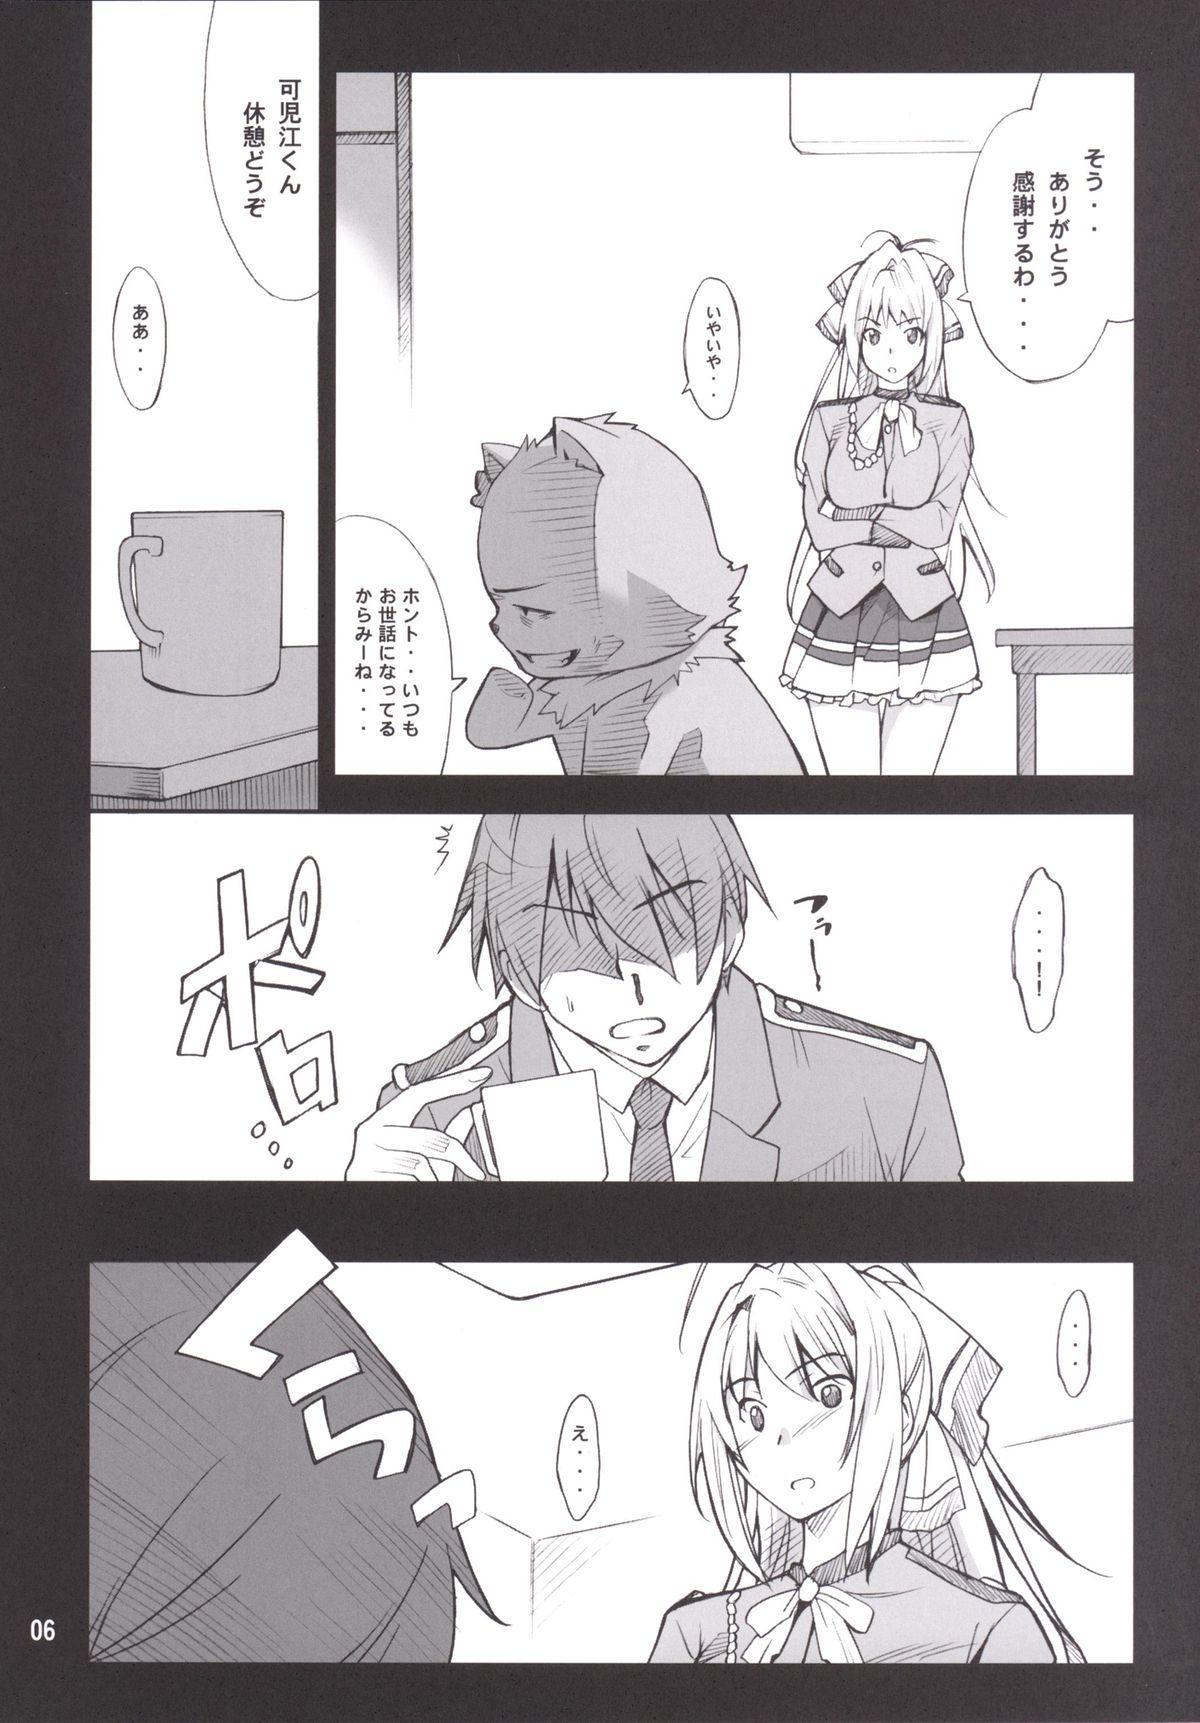 Tirami no Kusuri 4